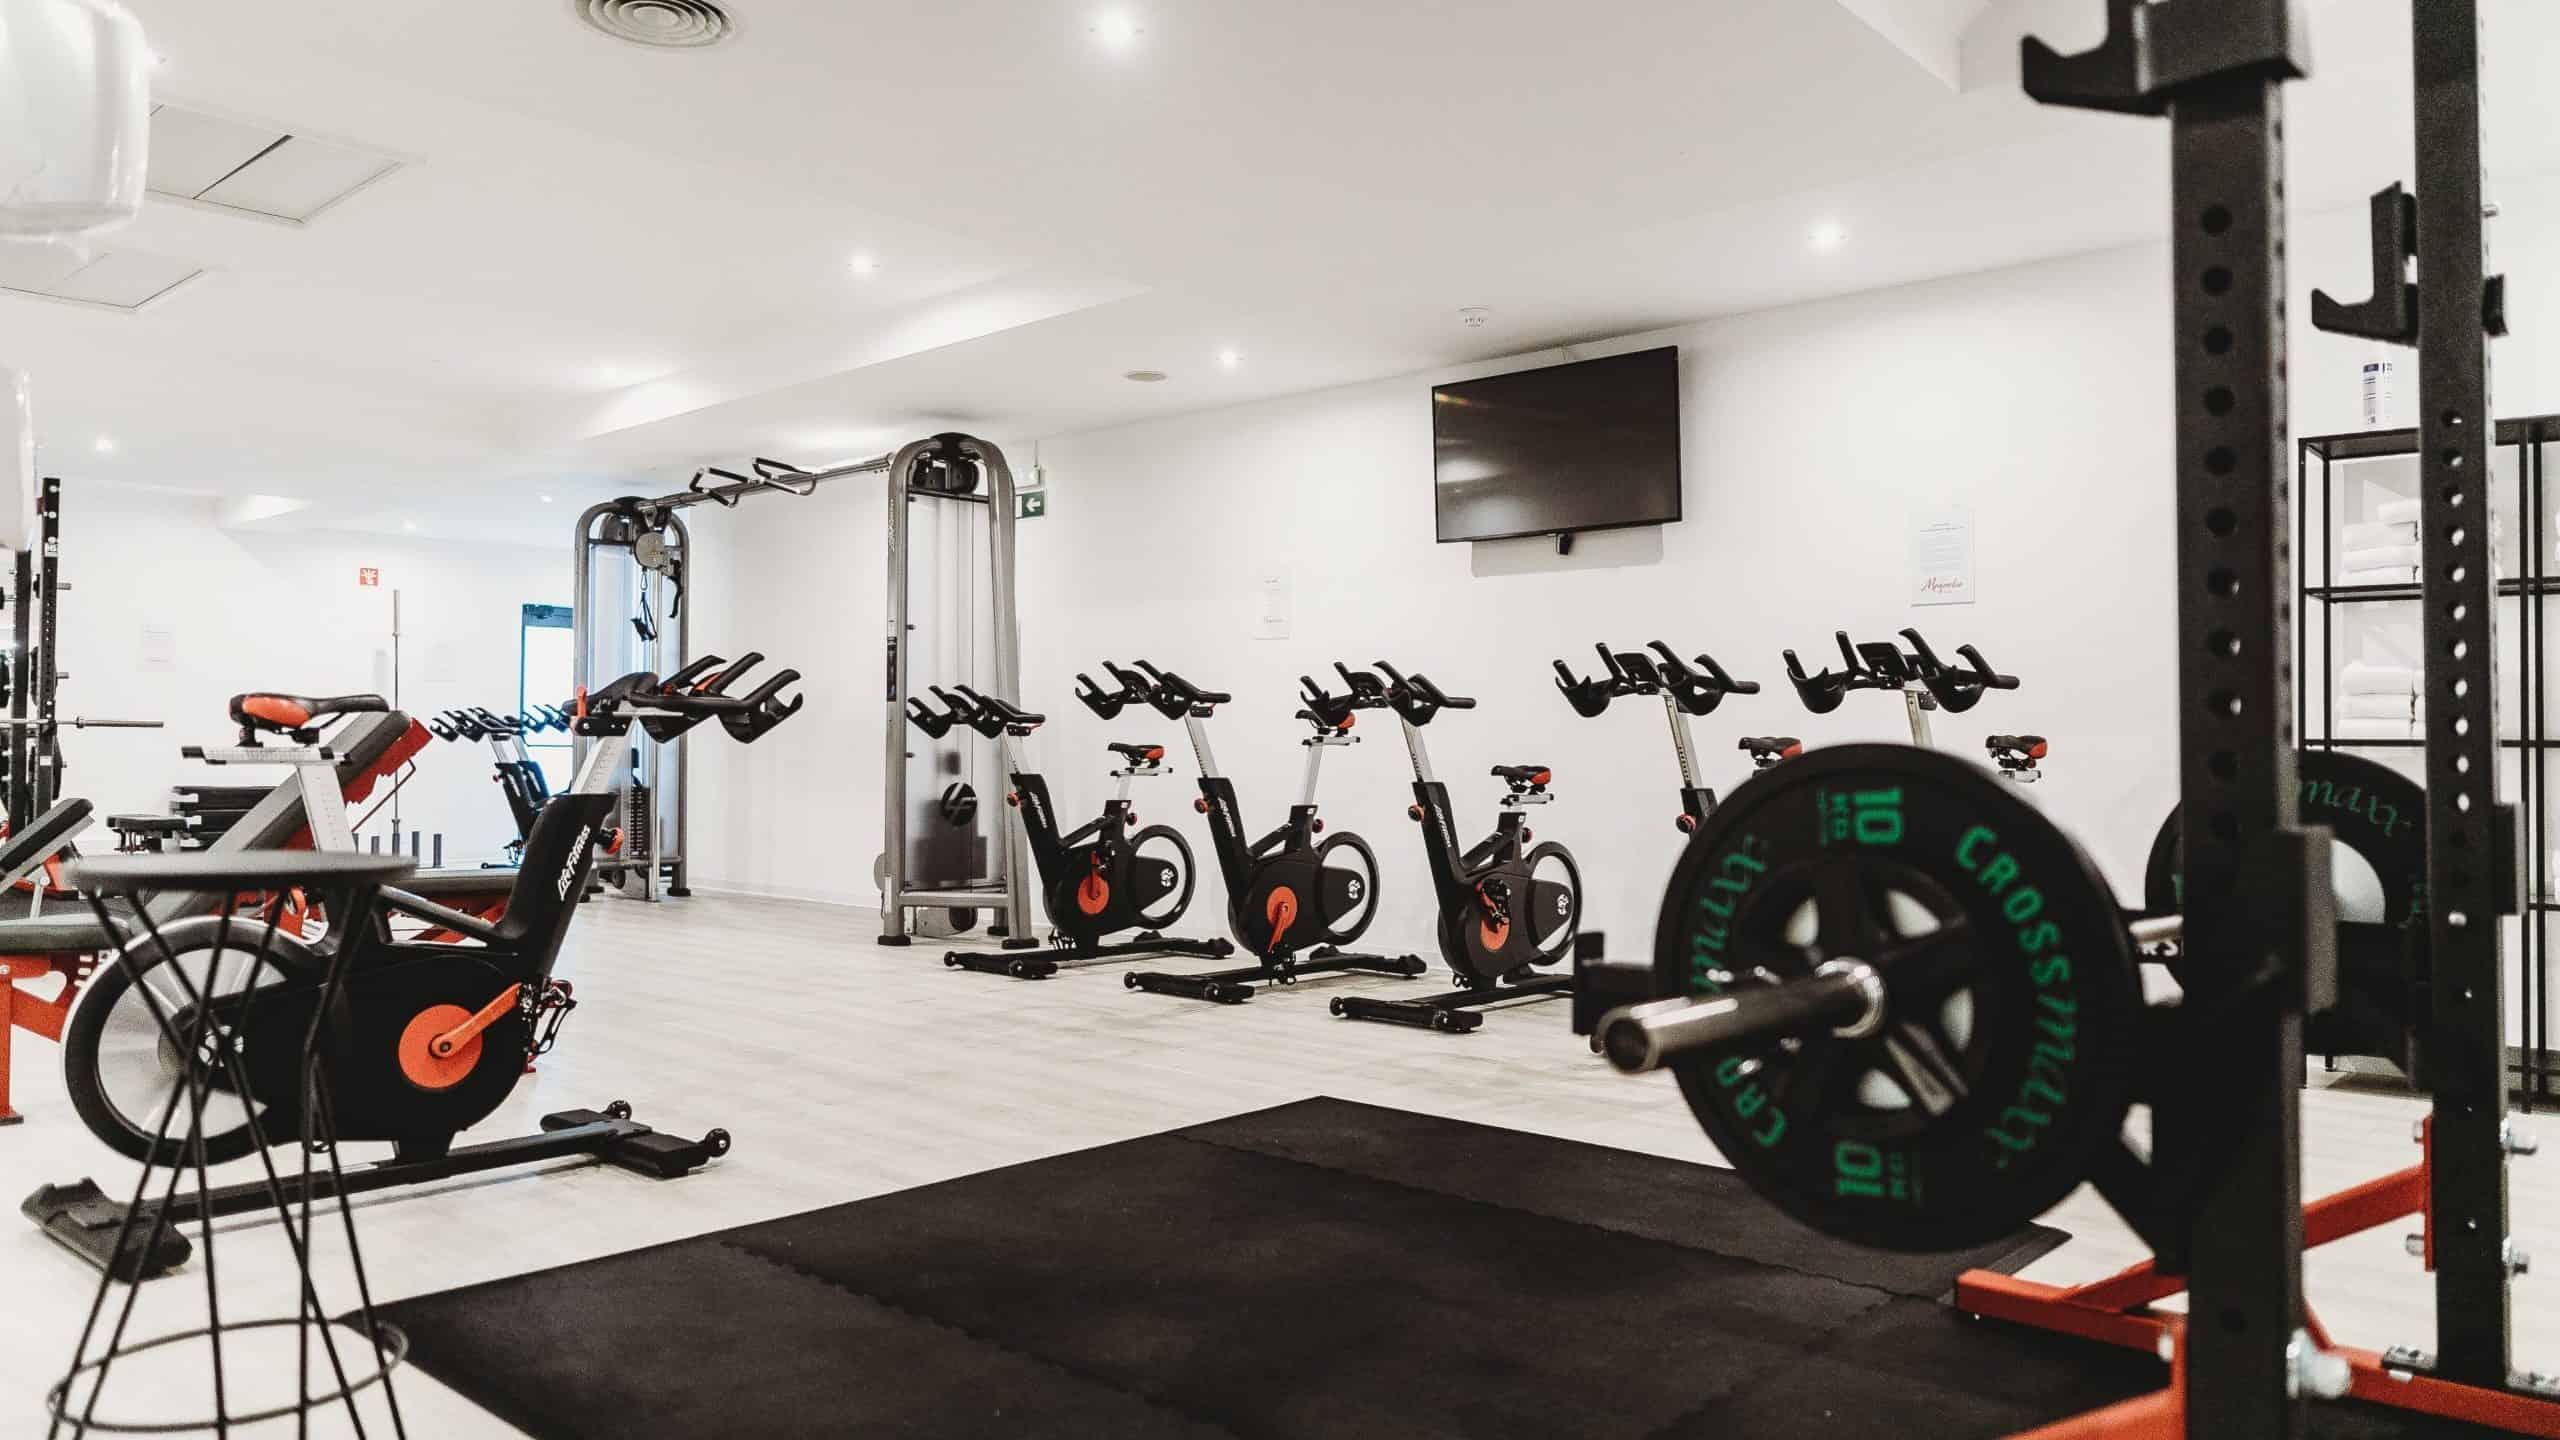 Corona-Regeln in Hessen: Fitnessstudios öffnen wieder - Luftreiniger schützen vor Coronaviren